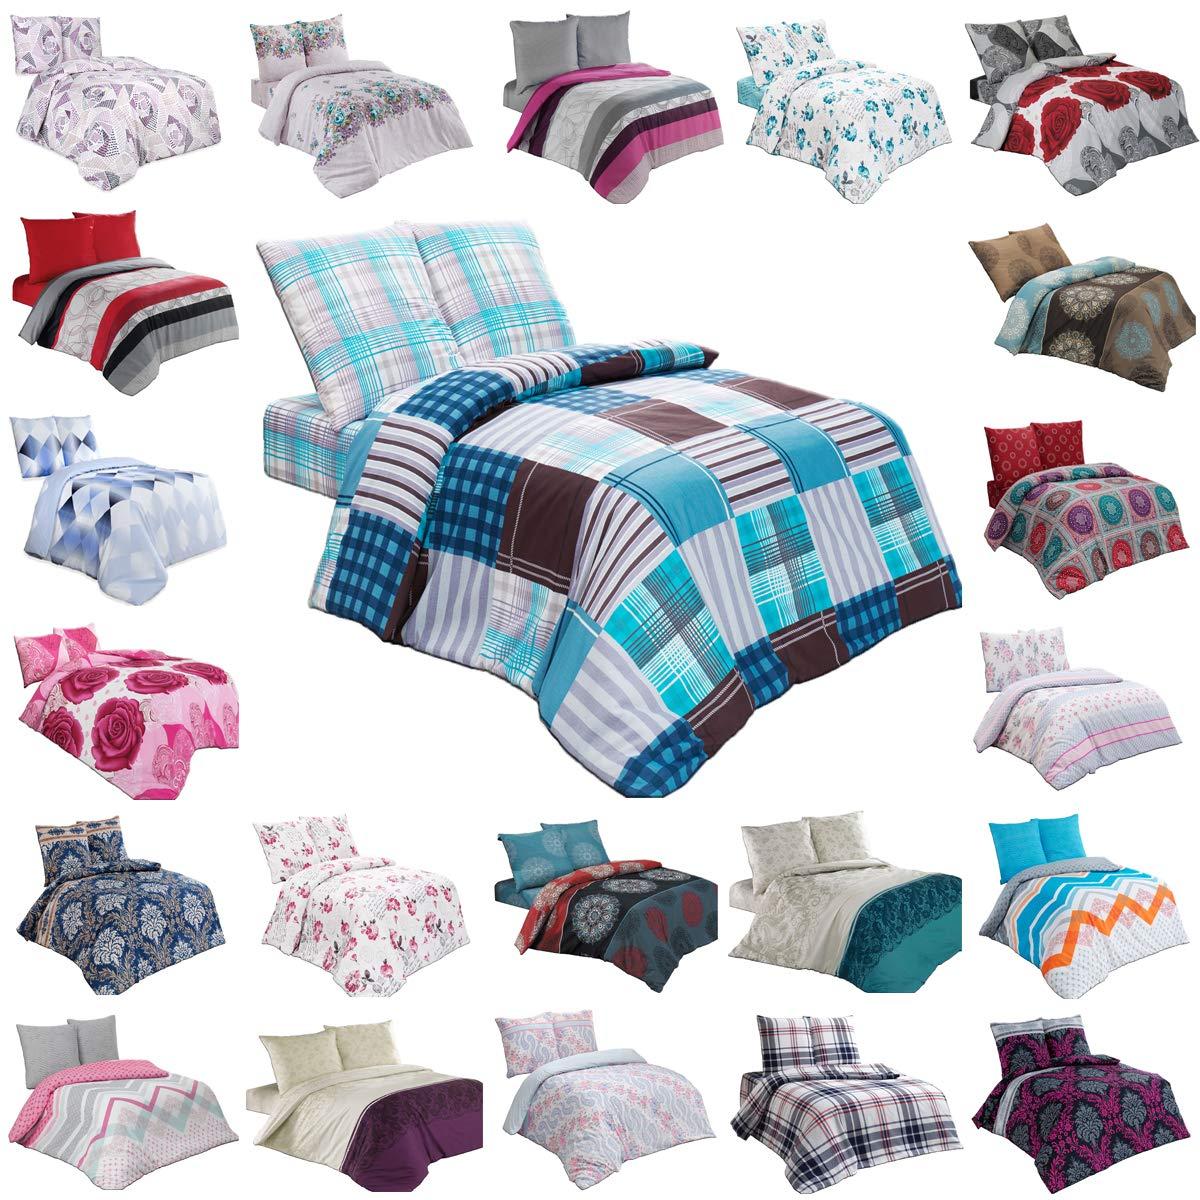 BUYMAX Bettwäsche Bettgarnitur mit Reißverschluss 3 Größen und vielen Farben Öko-Tex (135x200 cm, Design 14)